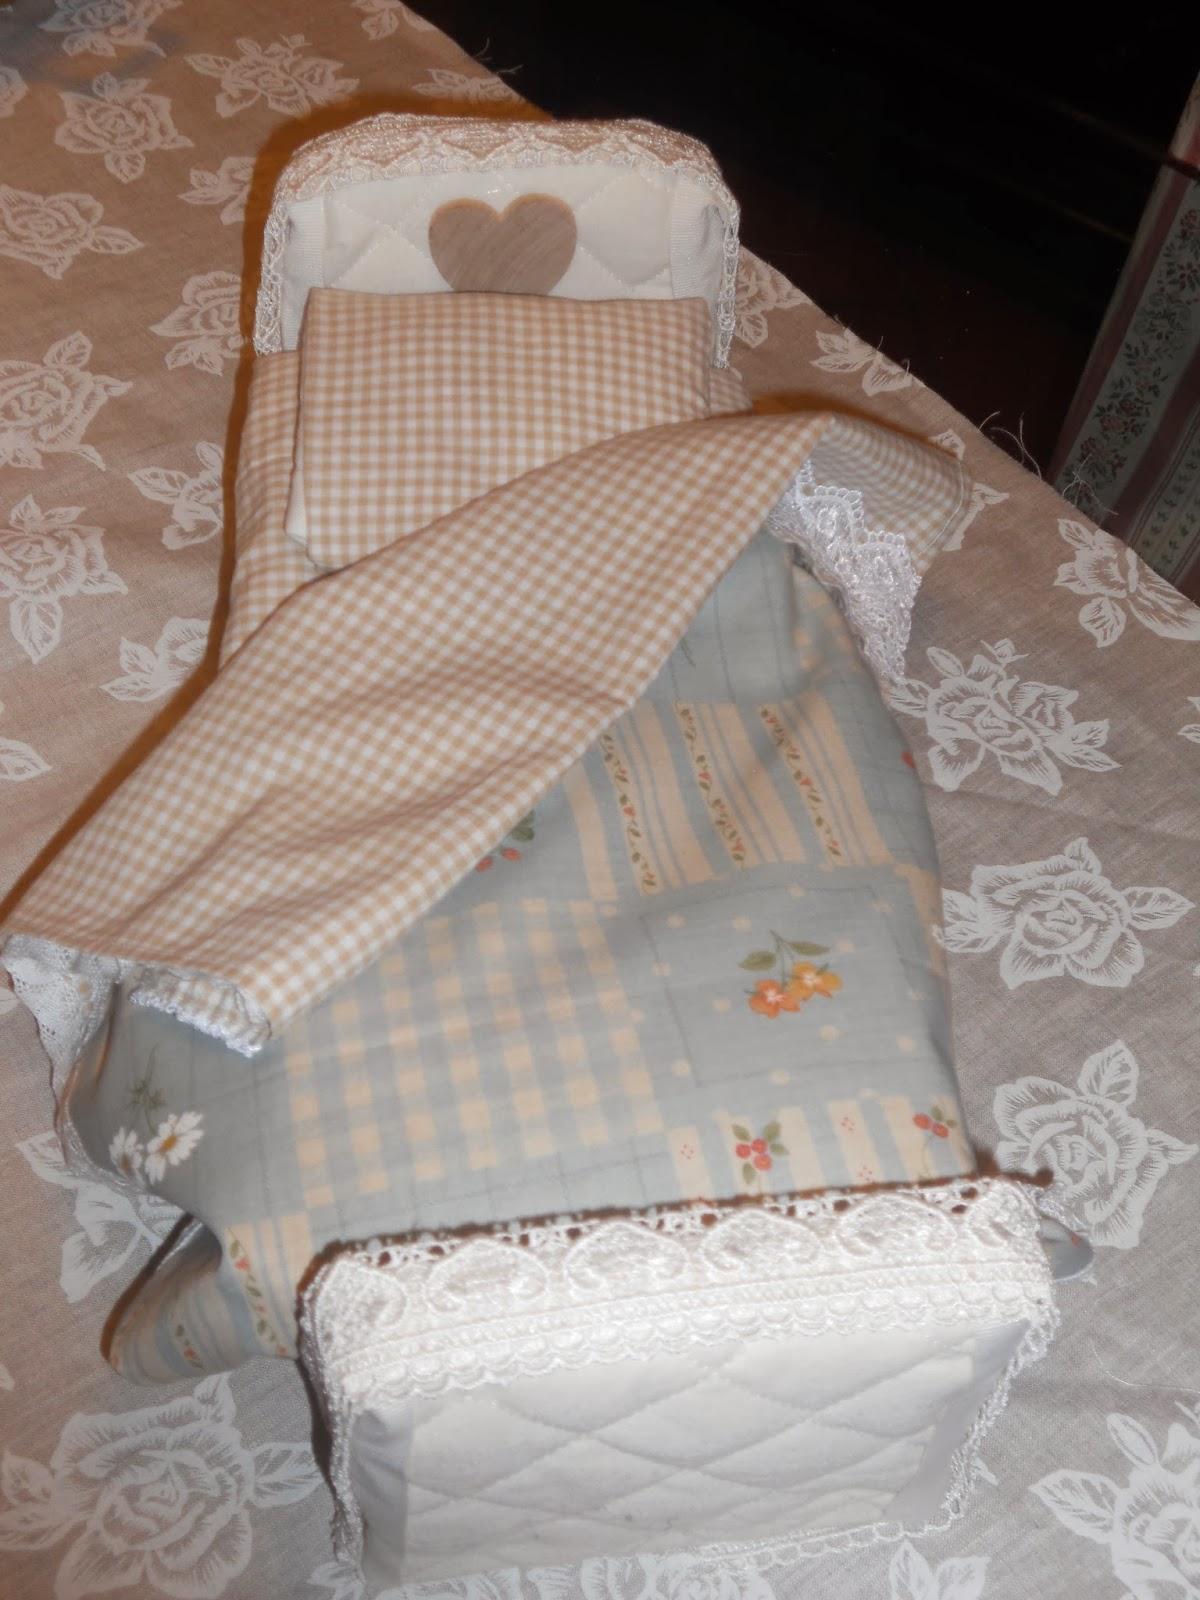 Creare con il country decorative shabby letto per barbie - Letto barbie prezzo ...